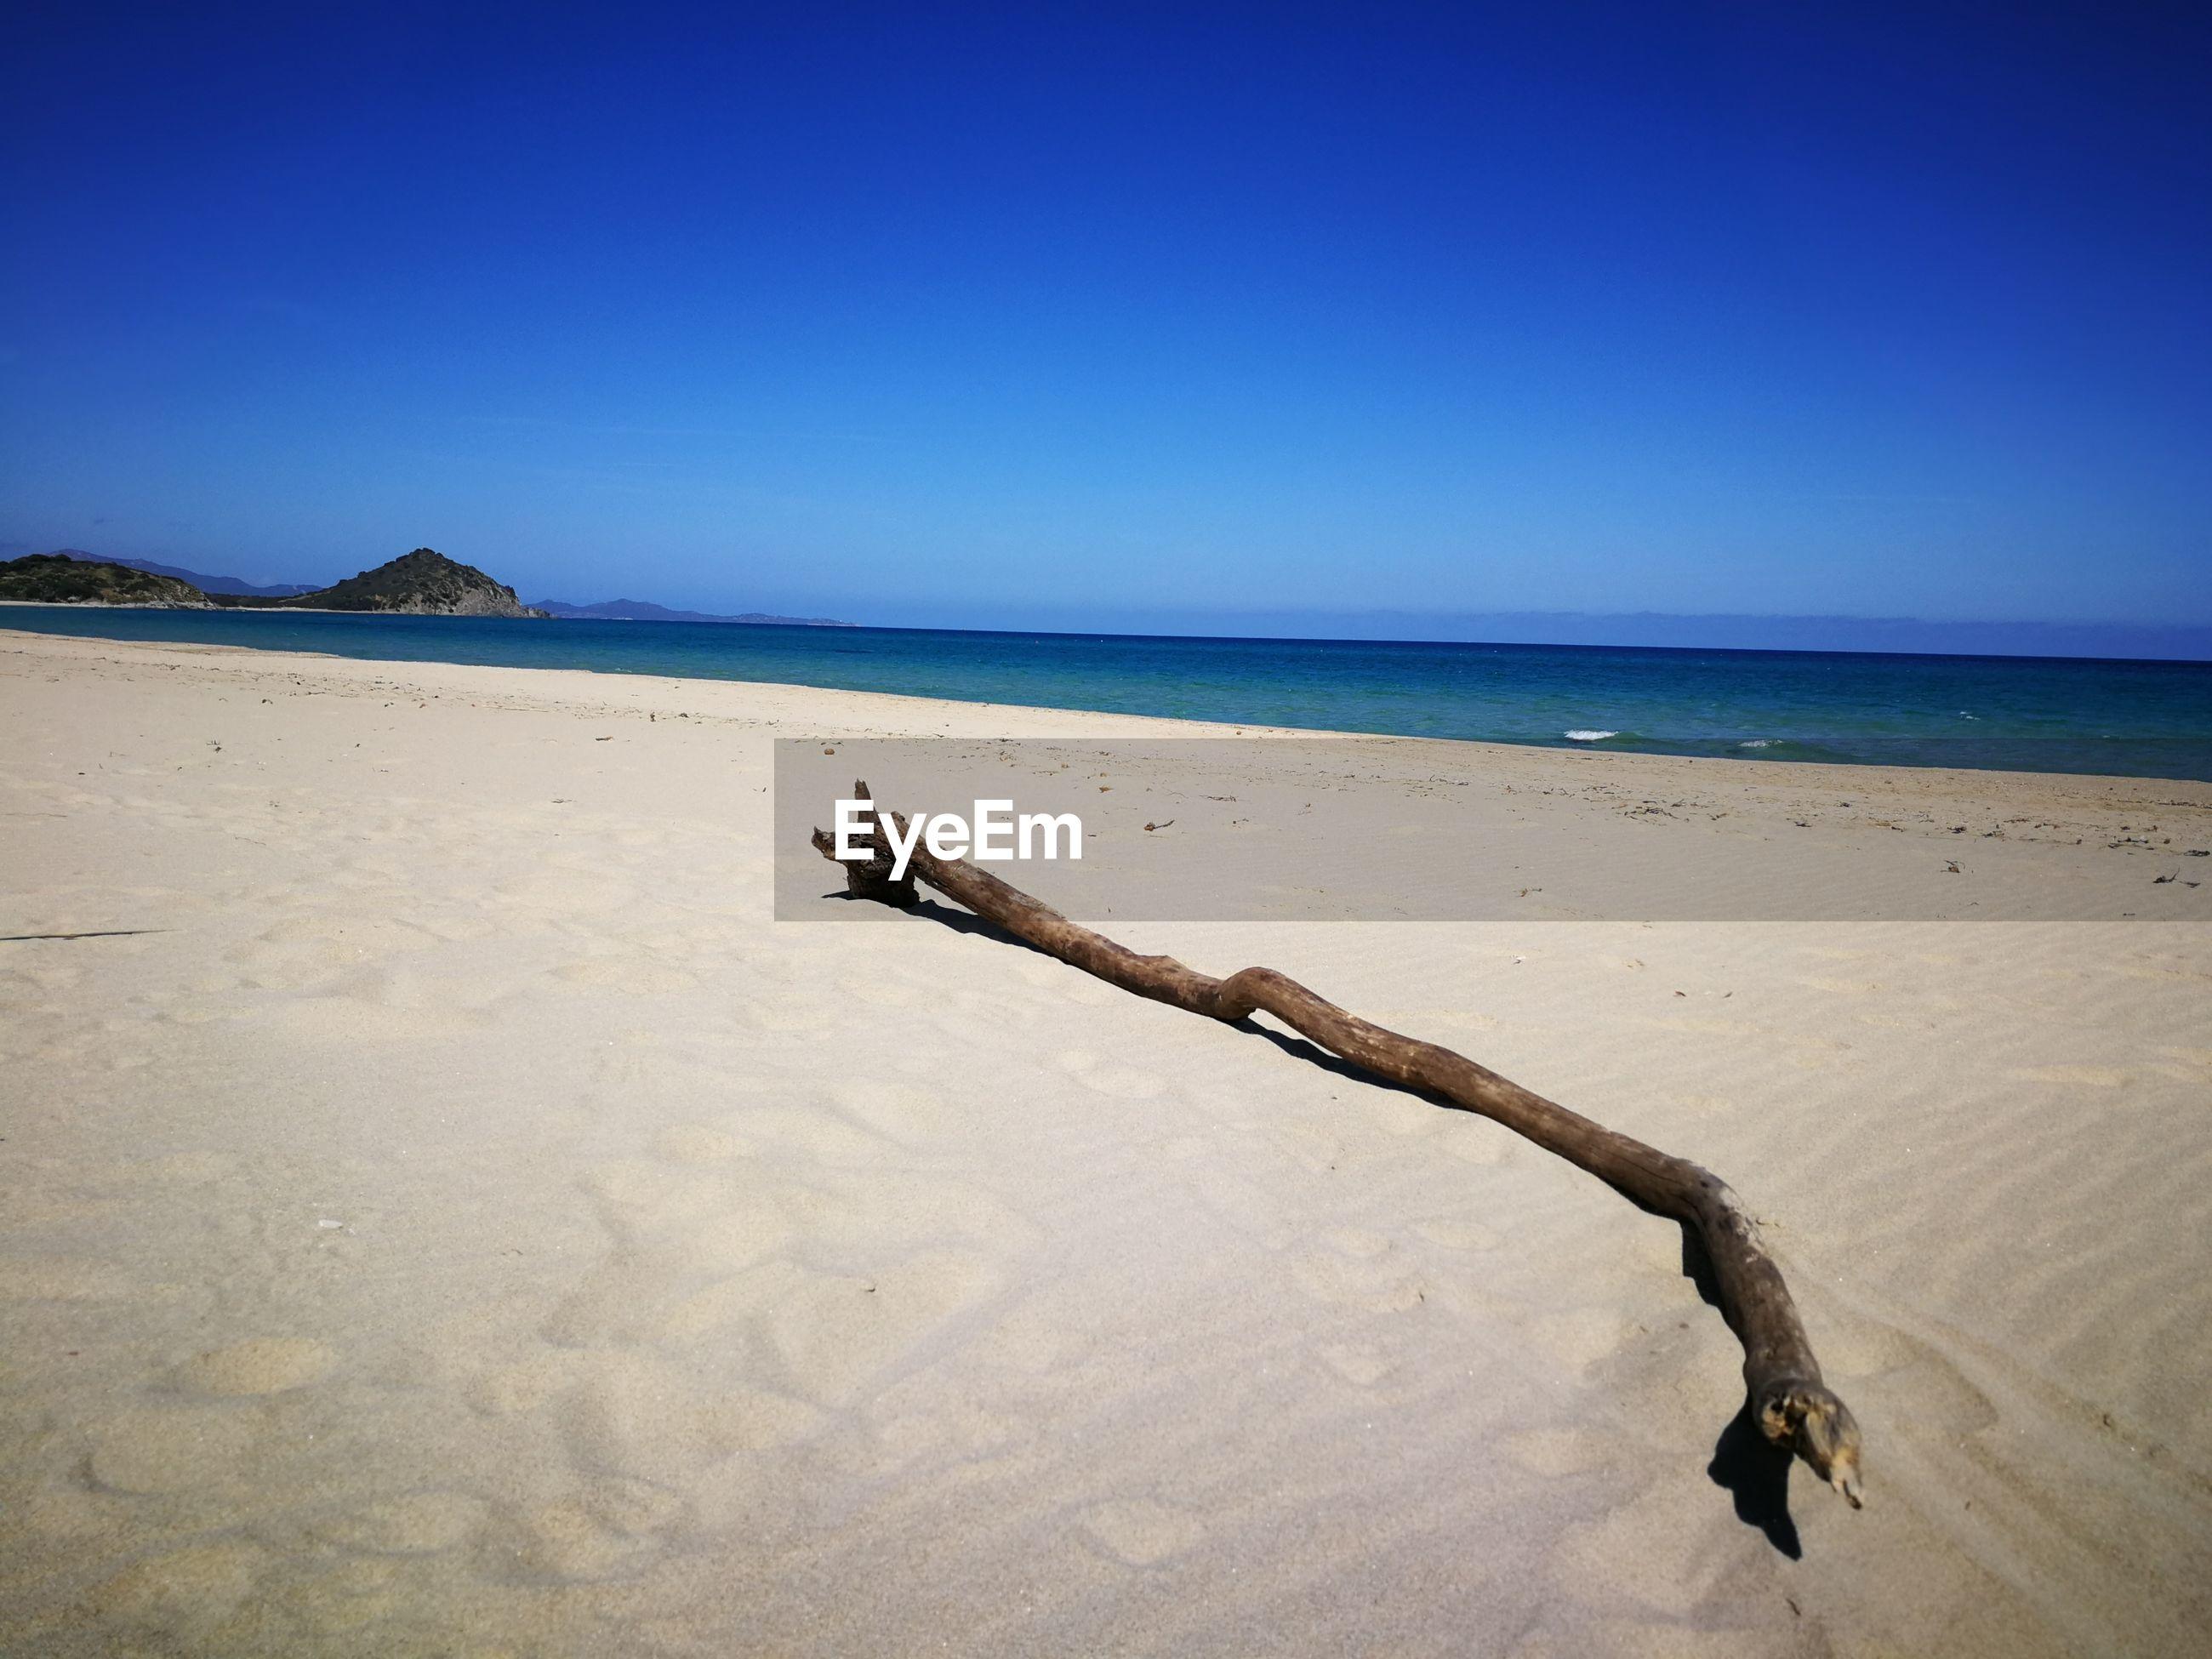 Driftwood on beach against clear blue sky